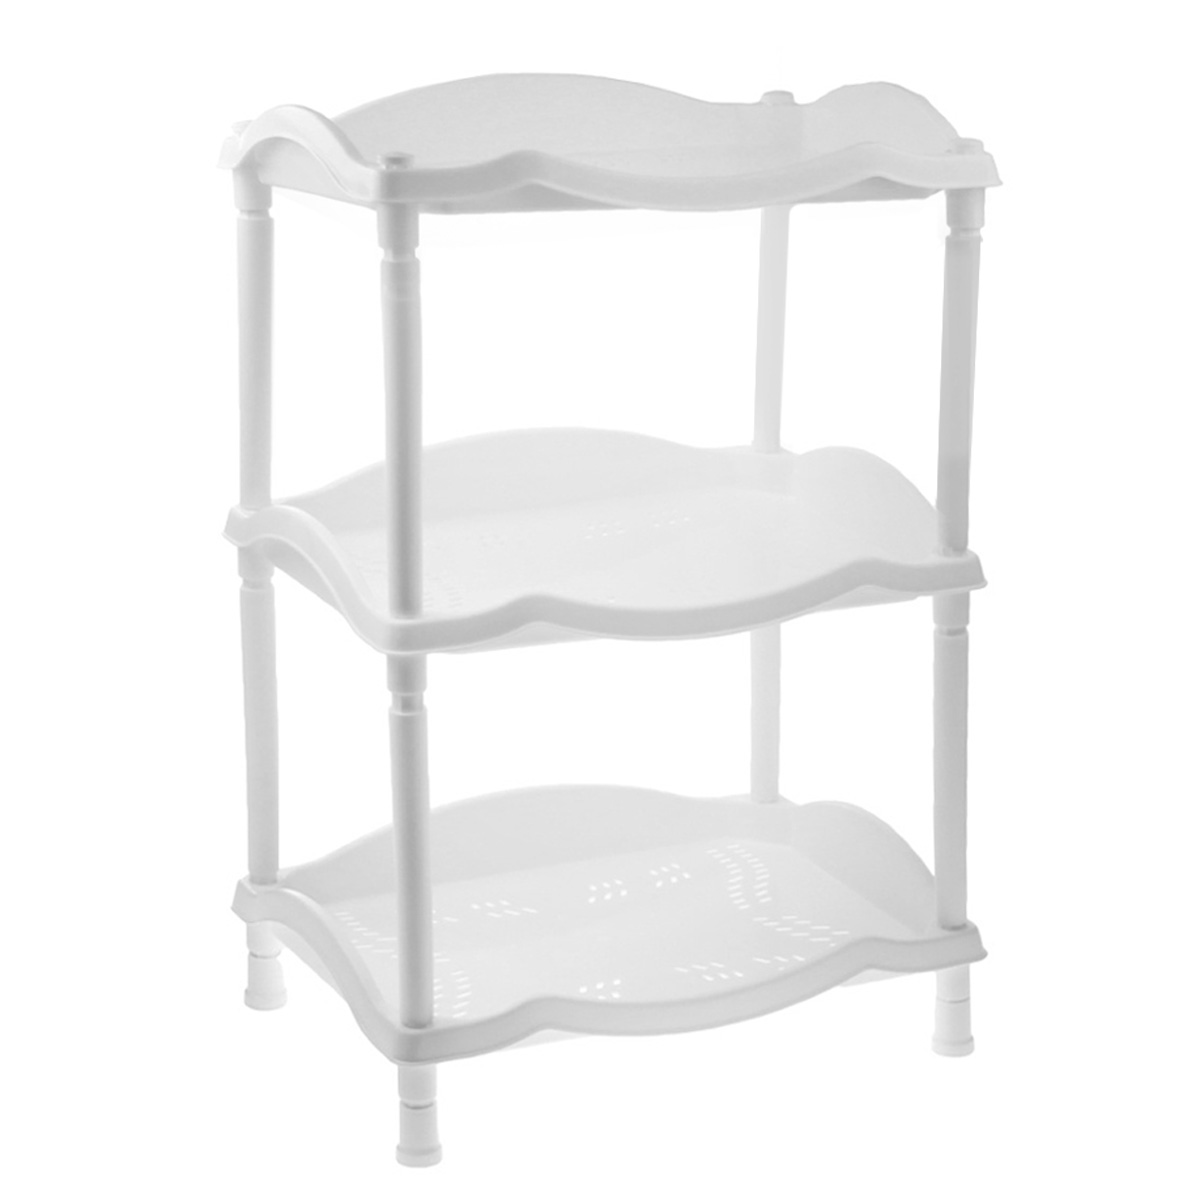 Этажерка Berossi Каскад, 3-х секционная, цвет: белый, 43,8 х 31,6 х 63,6 см192520Этажерка Berossi Каскад выполнена из высококачественного прочного пластика и предназначена для хранения различных предметов. Изделие имеет 3 полки прямоугольной формы с перфорированными стенками. В ванной комнате вы можете использовать этажерку для хранения шампуней, гелей, жидкого мыла, стиральных порошков, полотенец и т.д. Ручной инструмент и детали в вашем гараже всегда будут под рукой. Удобно ставить банки с краской, бутылки с растворителем. В гостиной этажерка позволит удобно хранить под рукой книги, журналы, газеты. С помощью этажерки также легко навести порядок в детской, она позволит удобно и компактно хранить игрушки, письменные принадлежности и учебники. Этажерка - это идеальное решение для любого помещения. Она поможет поддерживать чистоту, компактно организовать пространство и хранить вещи в порядке, а стильный дизайн сделает этажерку ярким украшением интерьера.Размер этажерки (ДхШхВ): 43,8 см х 31,6 см х 63,6 см. Размер полки (ДхШхВ): 43,8 см х 31,6 см х 6 см.